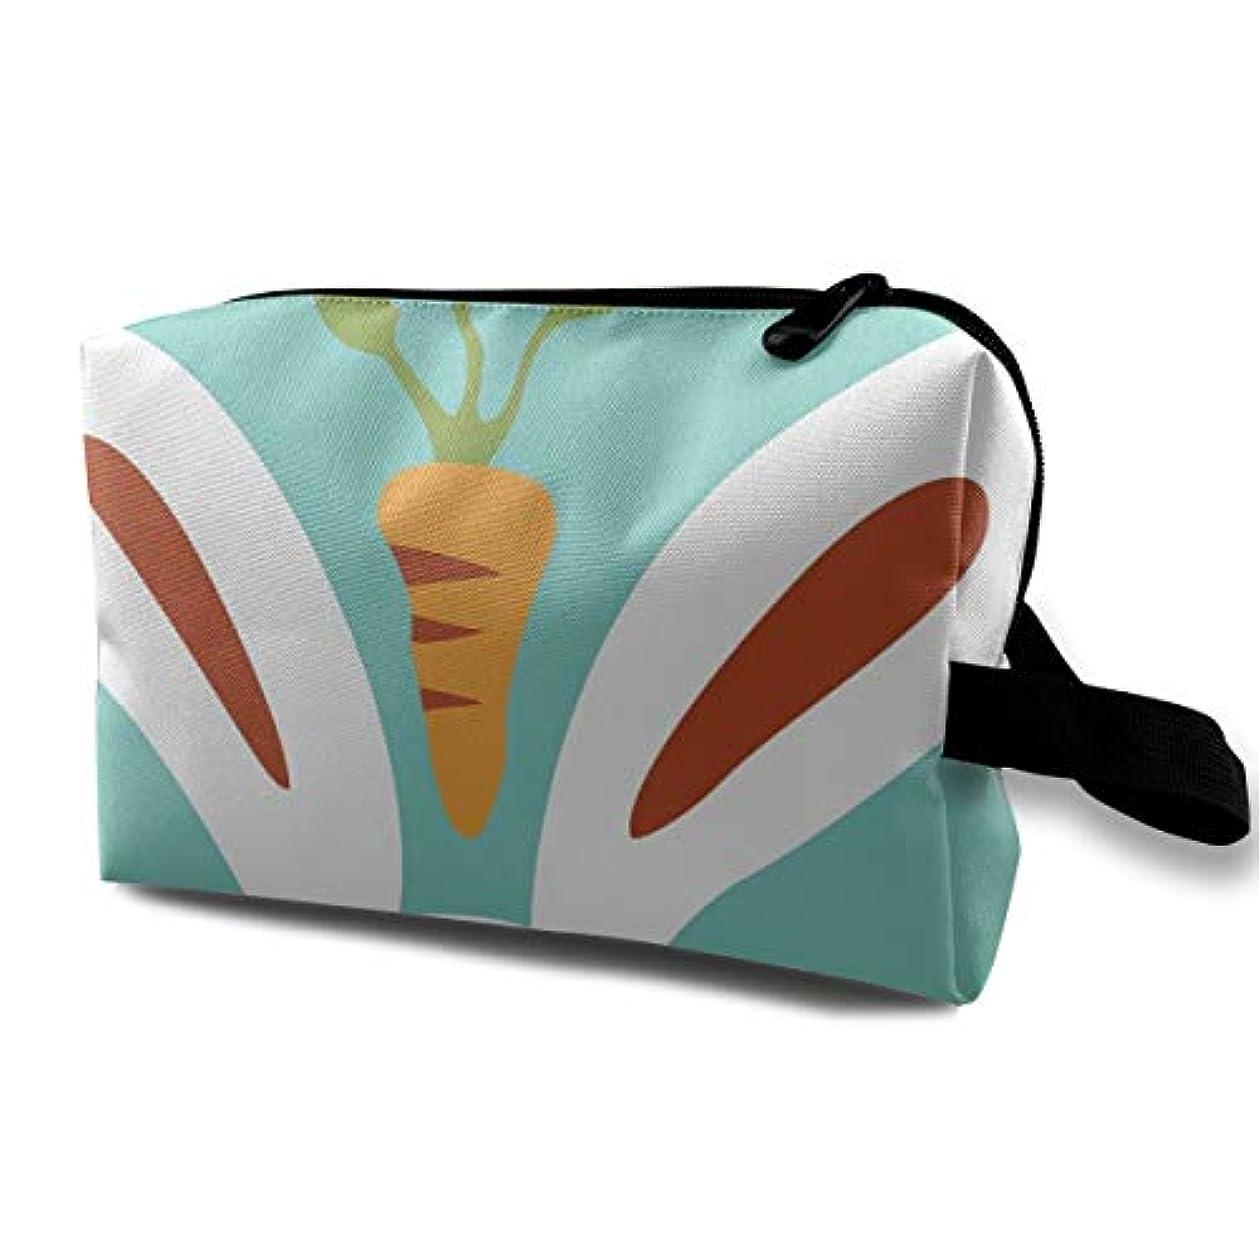 覚醒避難するクローゼットEaster Rabbit Carrot (1) 収納ポーチ 化粧ポーチ 大容量 軽量 耐久性 ハンドル付持ち運び便利。入れ 自宅?出張?旅行?アウトドア撮影などに対応。メンズ レディース トラベルグッズ